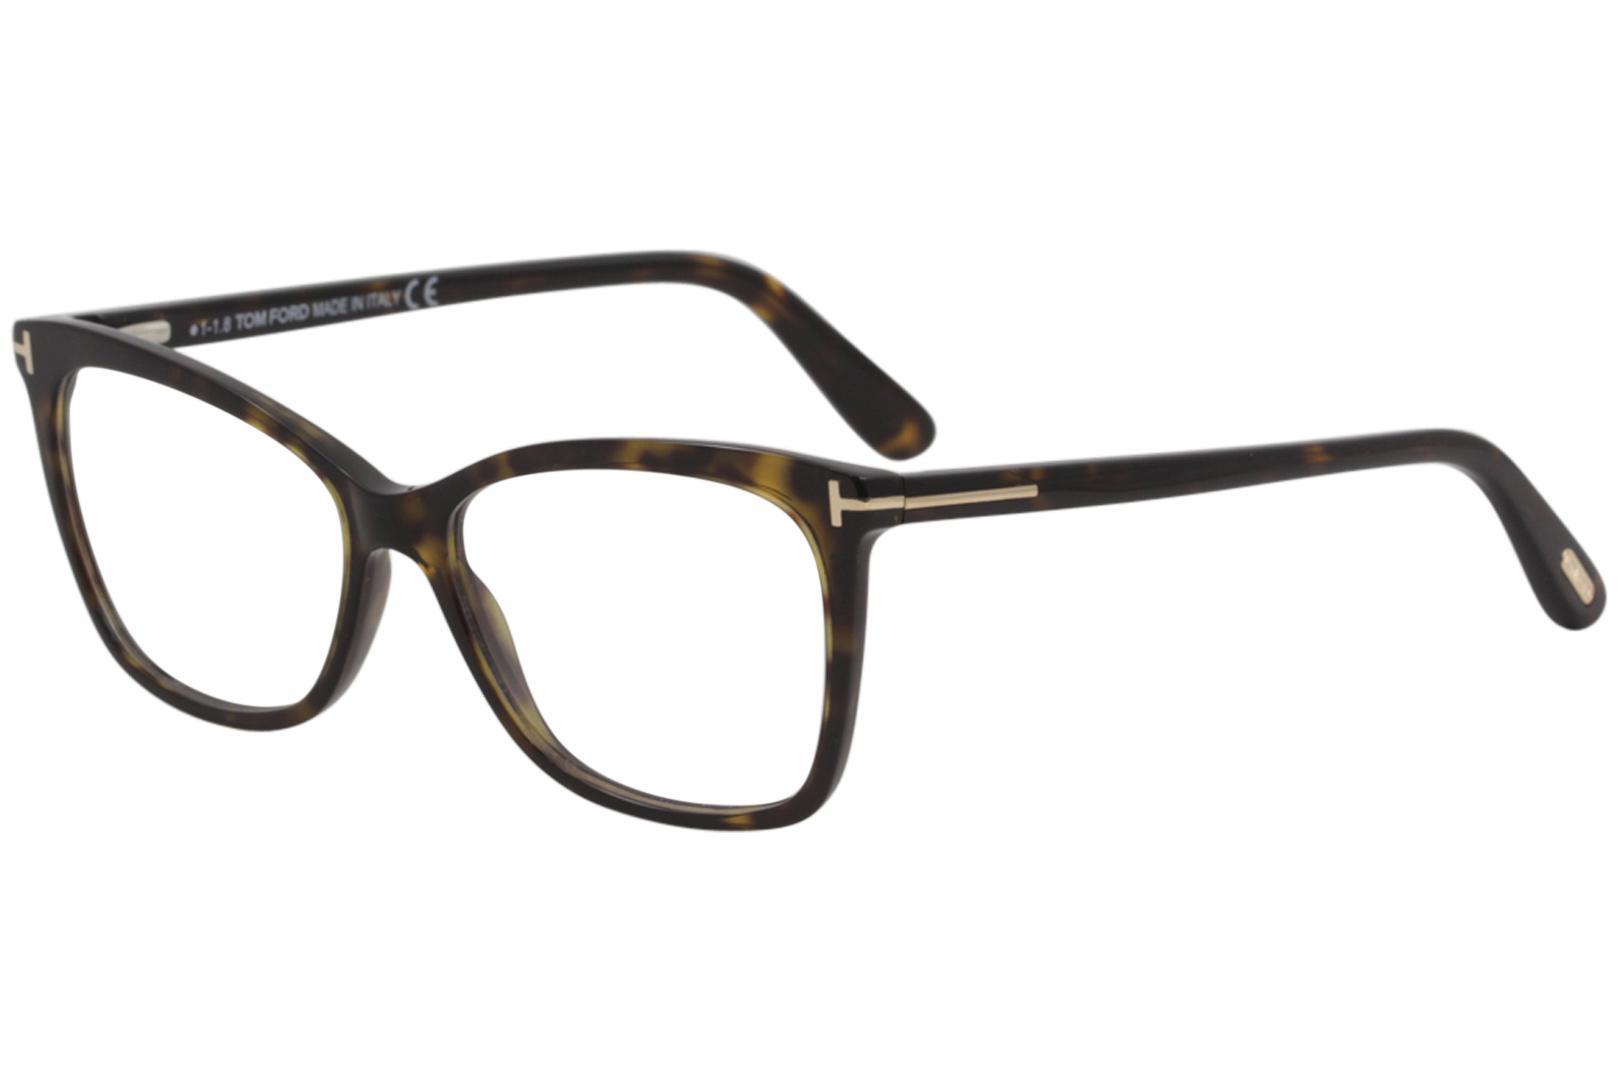 f2883e9e4e9 Tom Ford Women s Eyeglasses TF5514 TF 5514 Full Rim Optical Frame